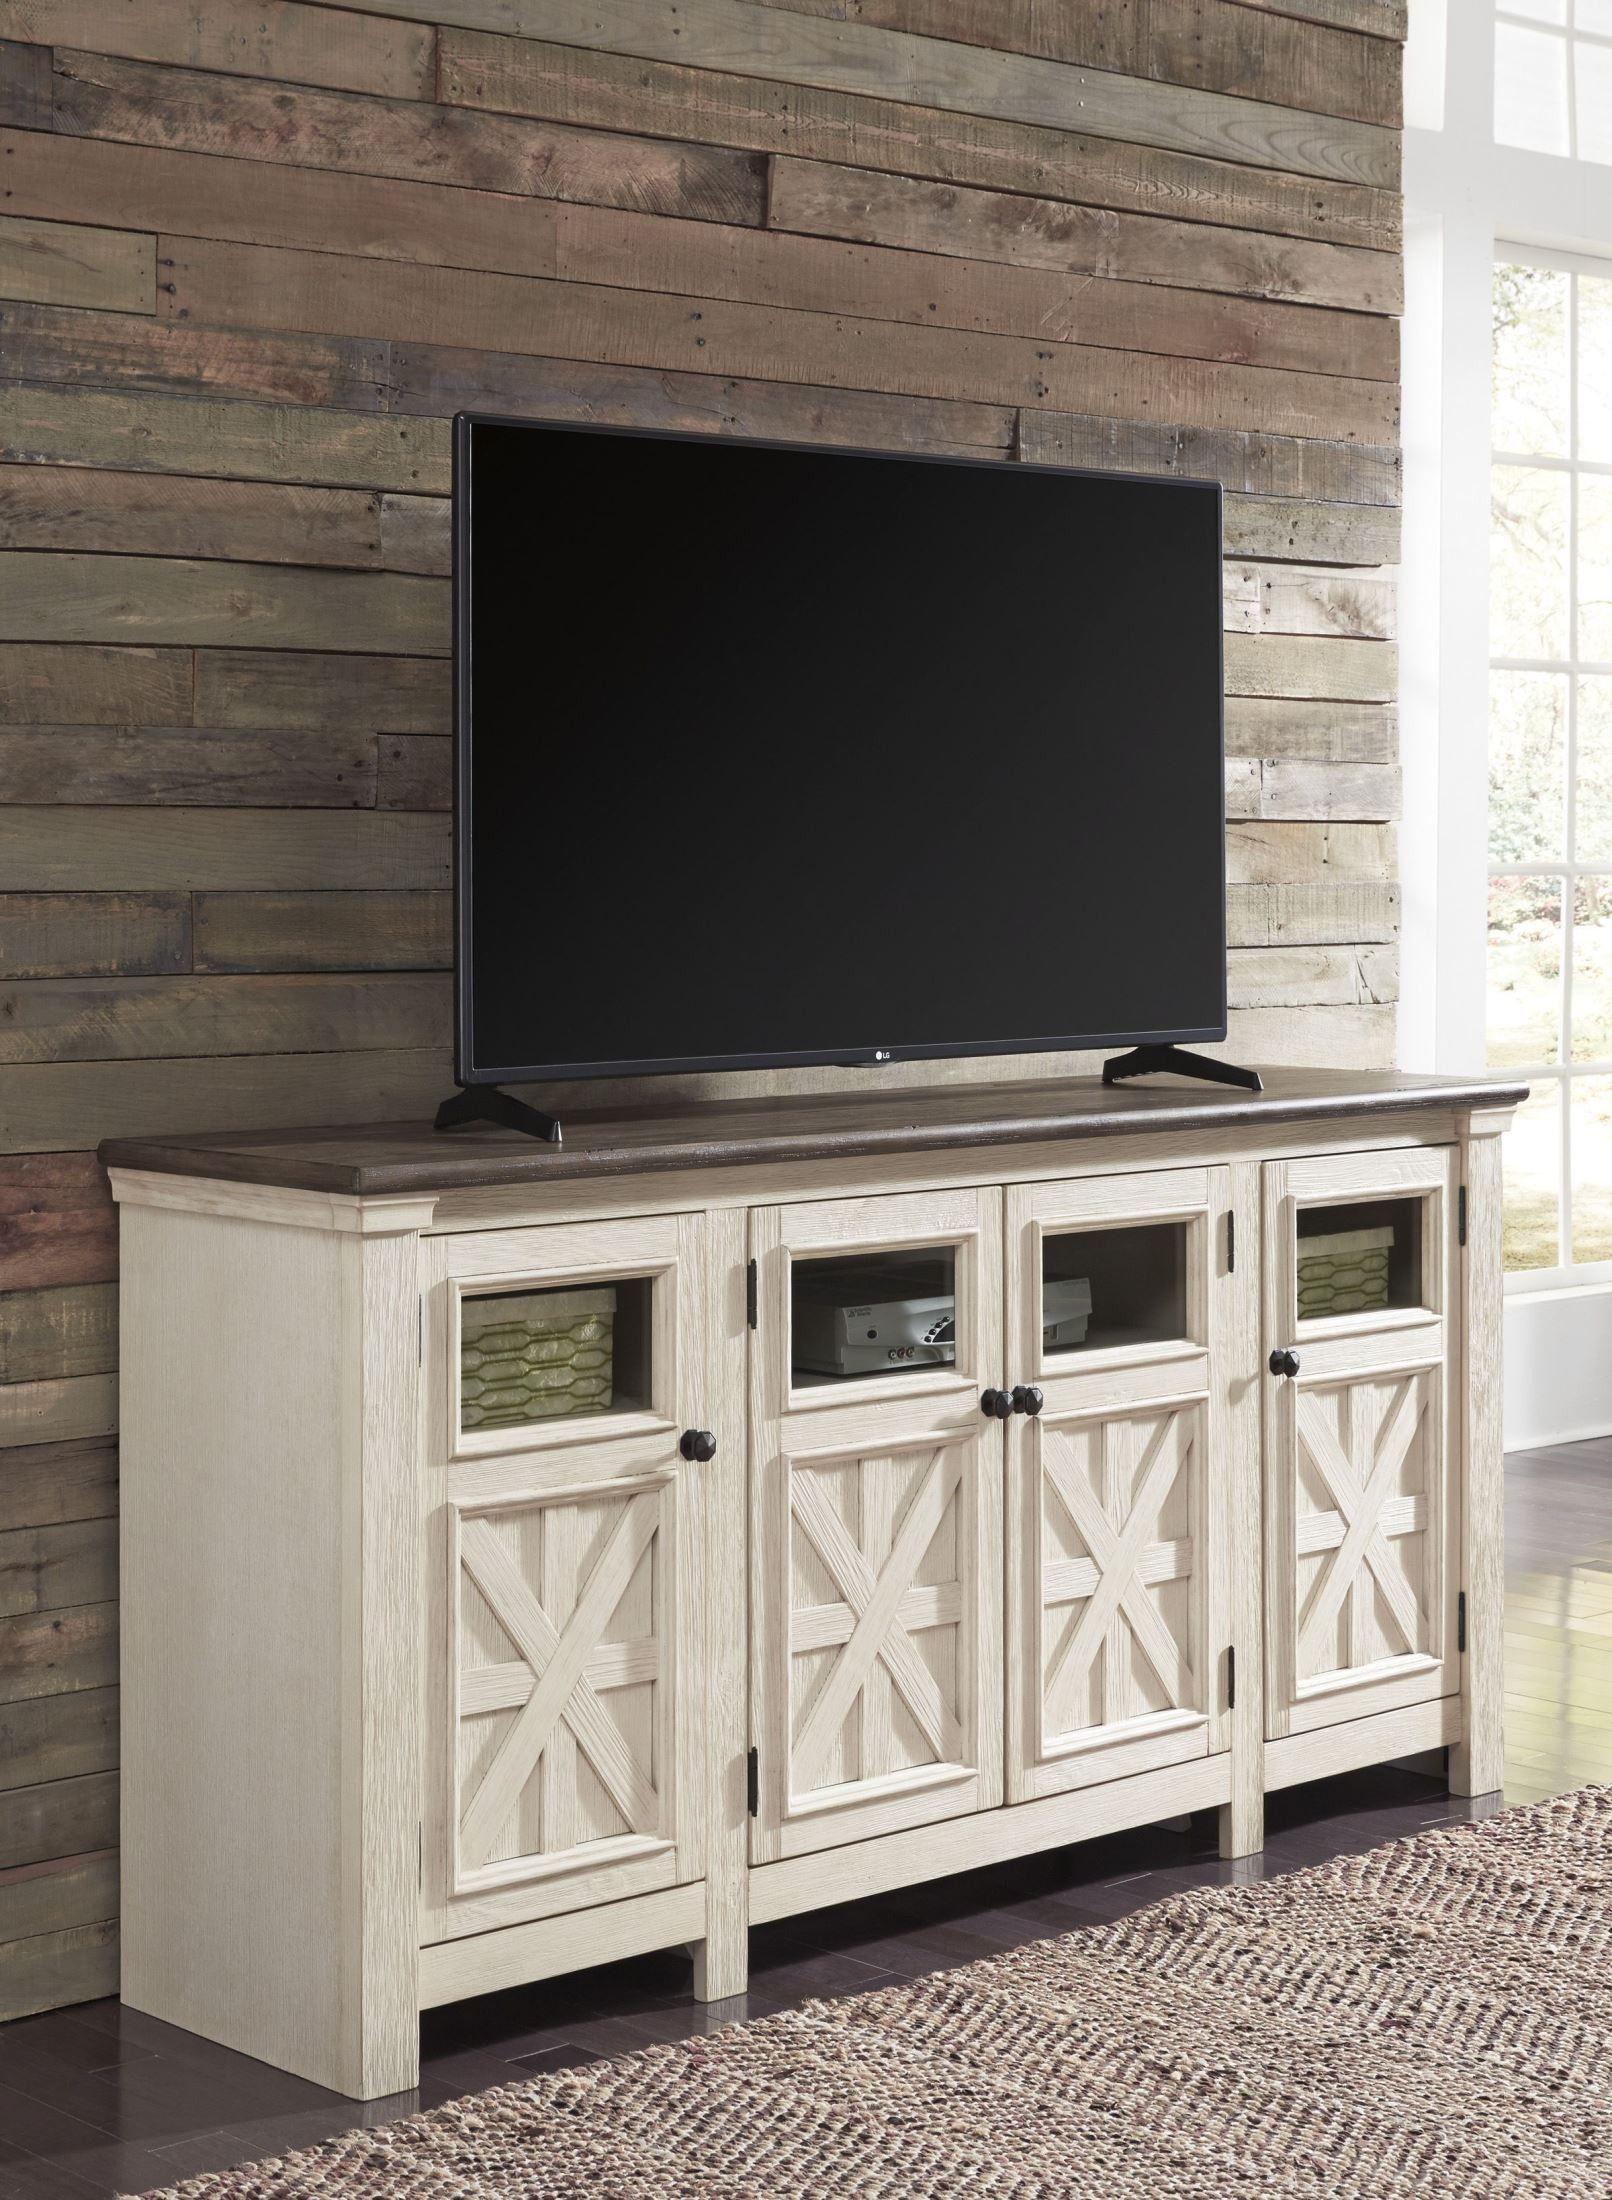 Bolanburg weathered gray extra large tv stand 1 large tv